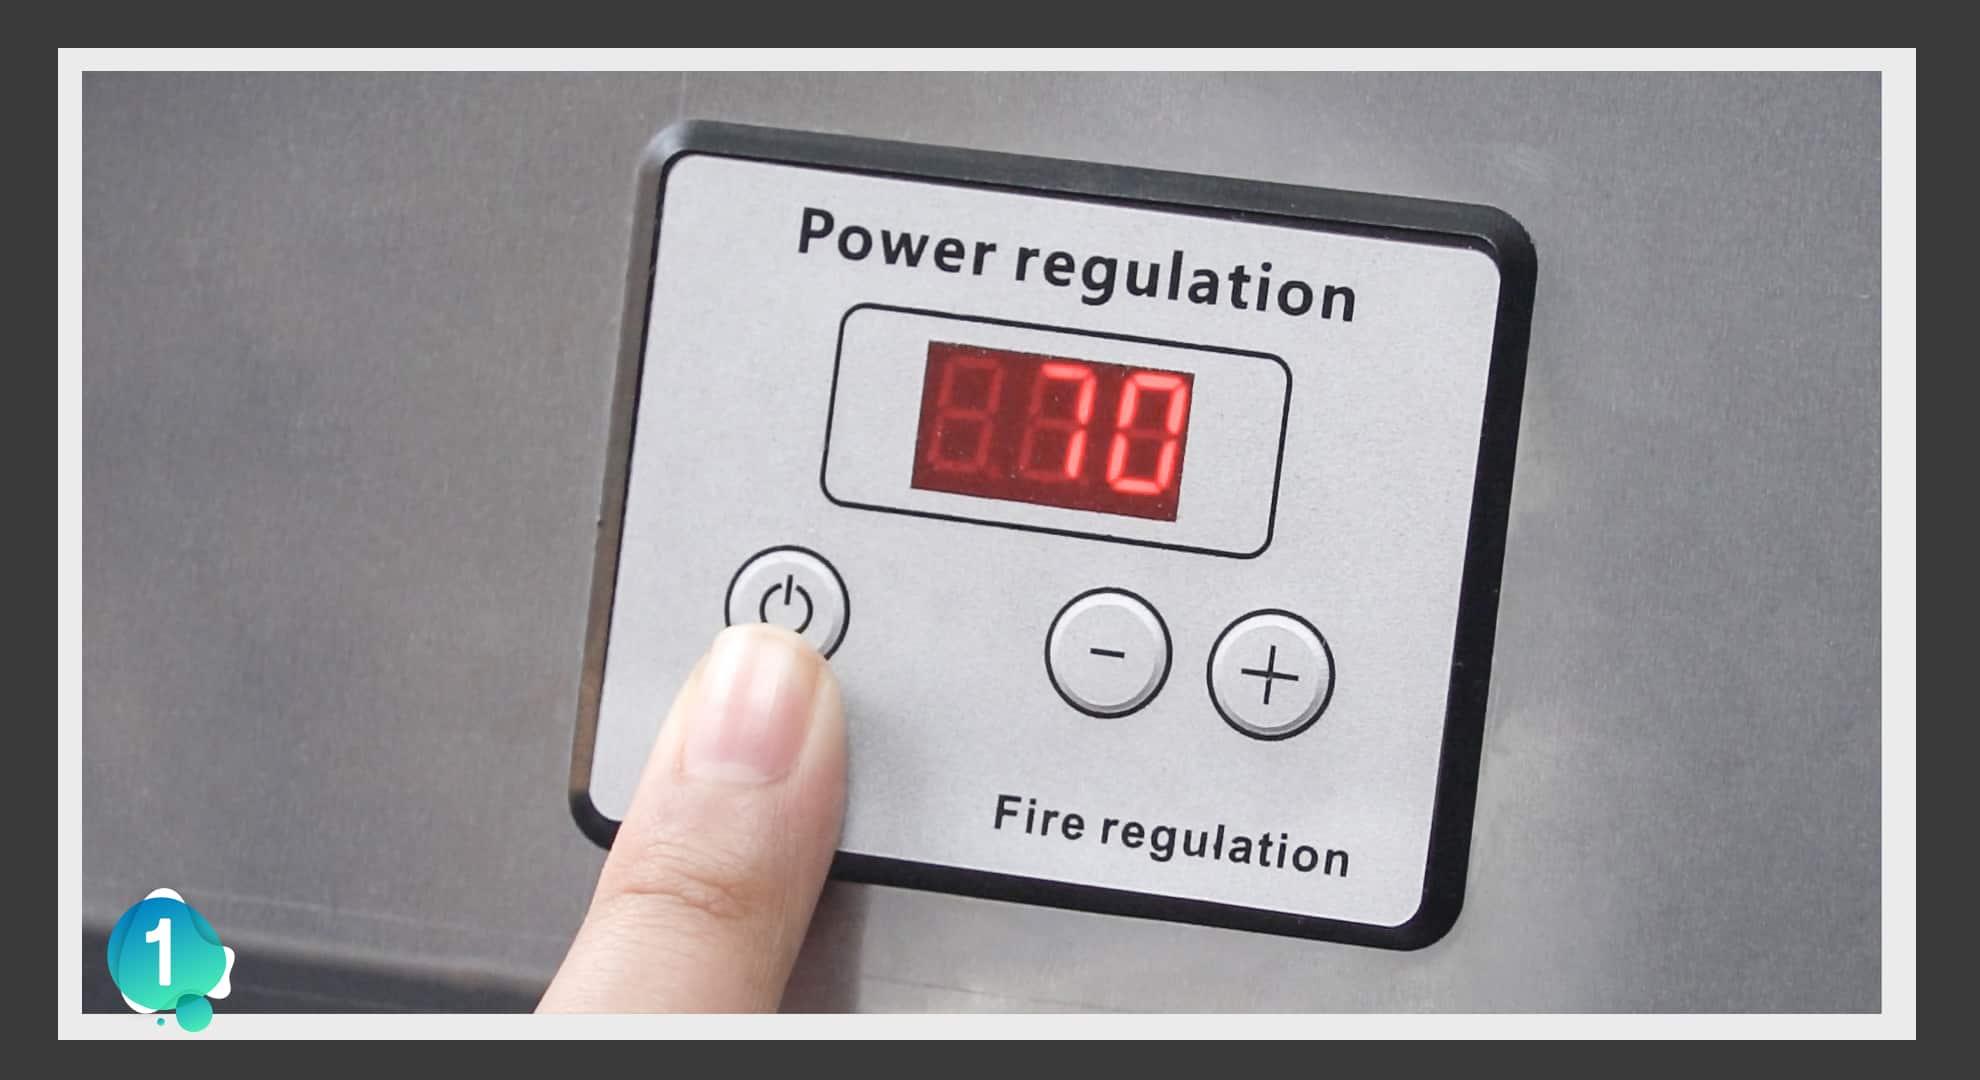 เตาปิ้งไฟฟ้า-GM-IE-ขั้นตอน1